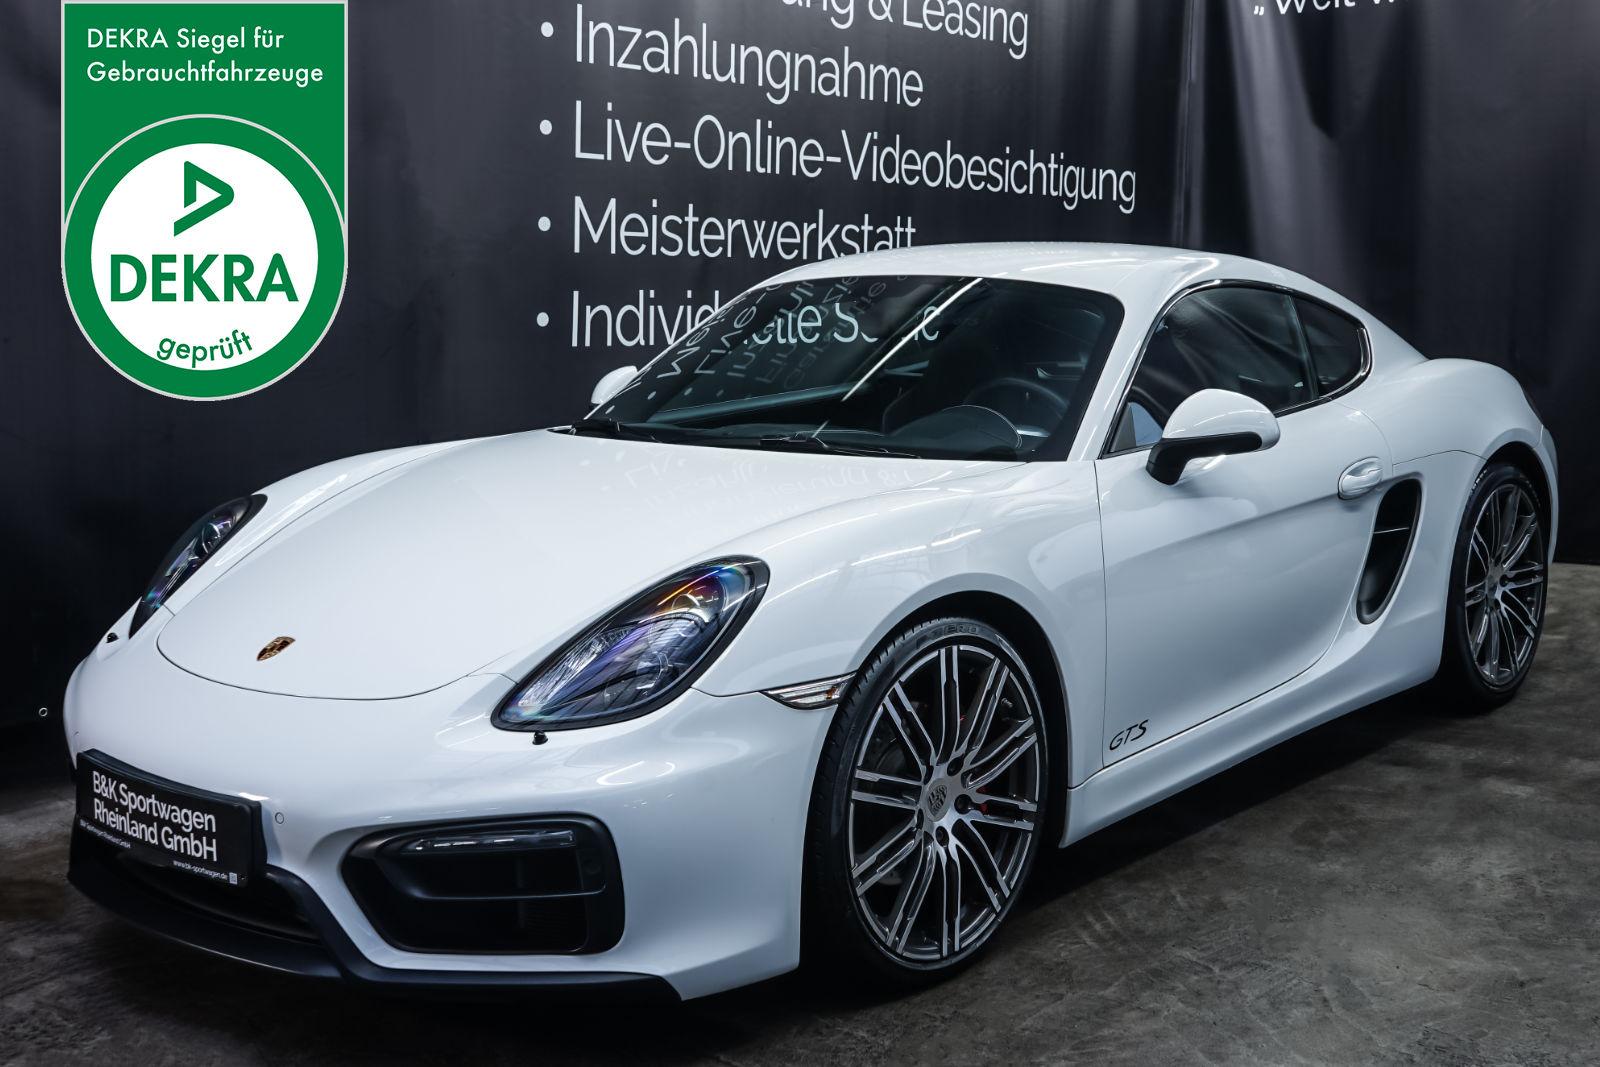 Porsche_Cayman_GTS_Weiß_Schwarze_POR-2431_Plakette_w